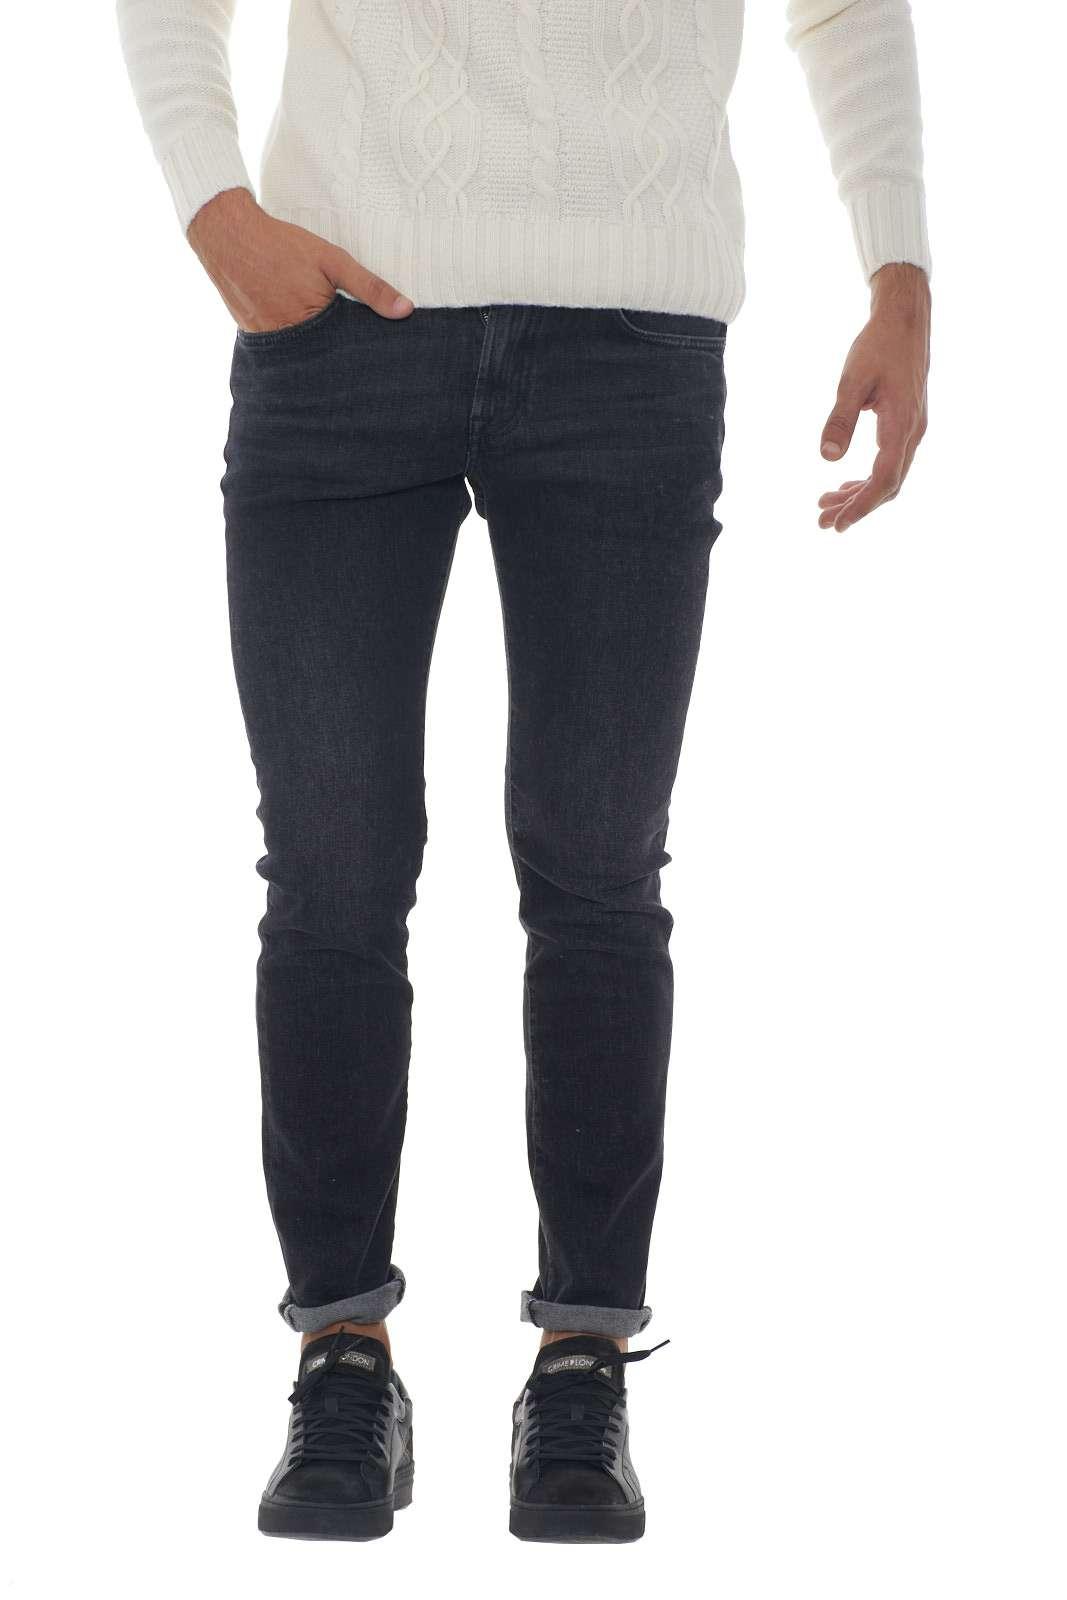 https://www.parmax.com/media/catalog/product/a/i/AI-Outlet_Parmax-Pantalone-Uomo-RoyRogers-A19RRU076N0311319-A.jpg